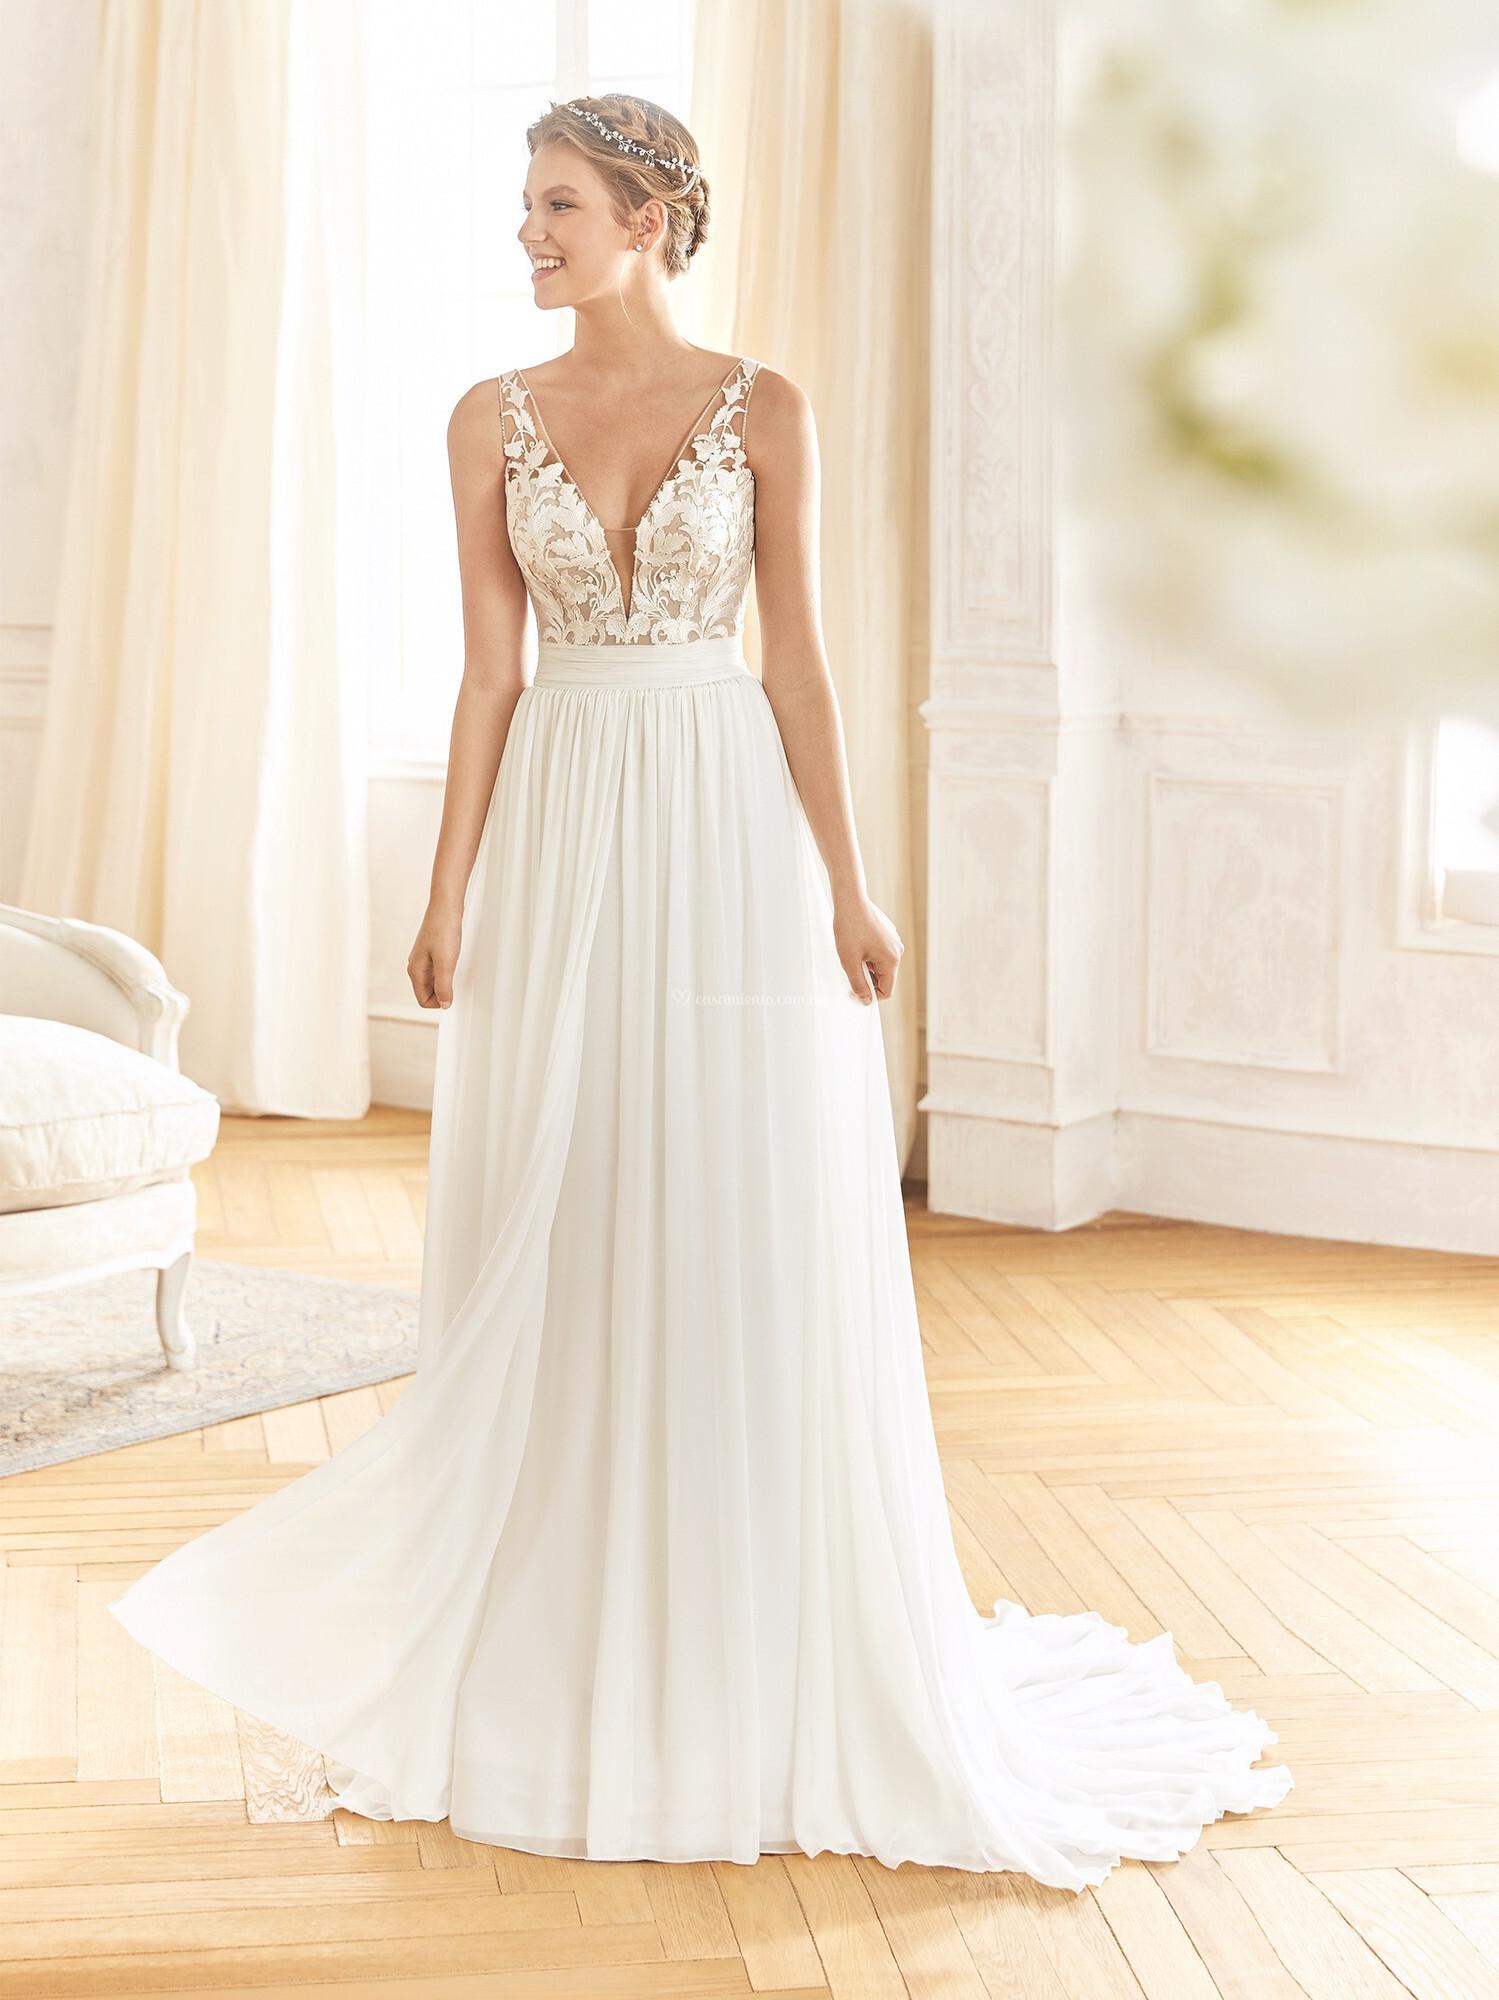 435ec8a37c0 Vestidos de Novia de La Sposa - 2019 - Casamiento.com.uy